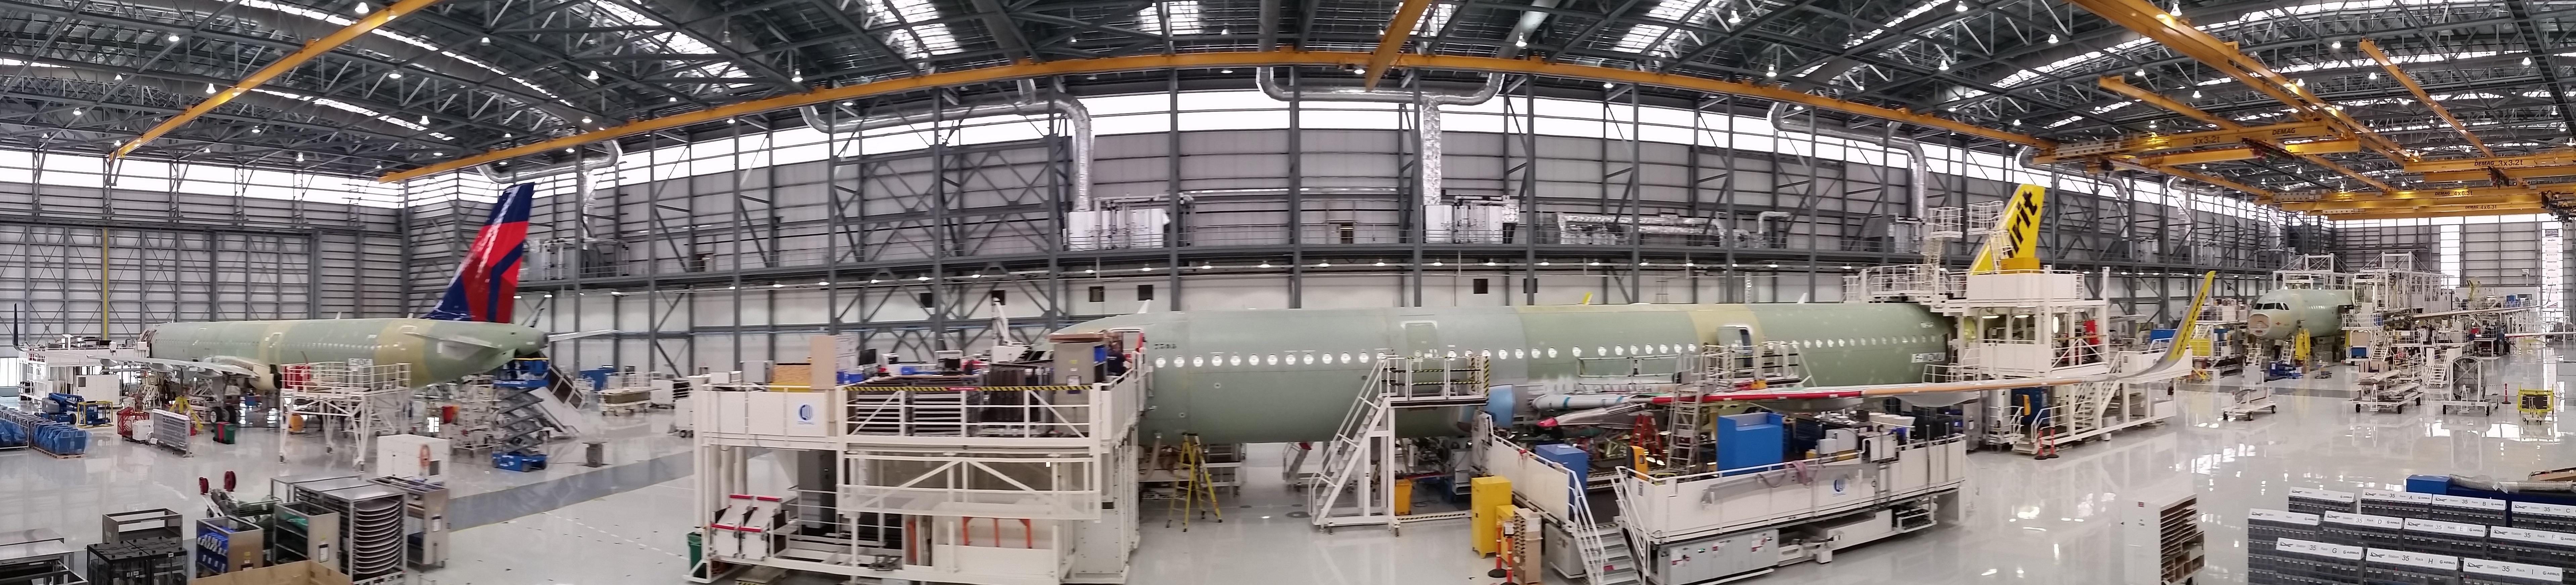 Resultado de la imagen para la línea de ensamblaje Airbus A320